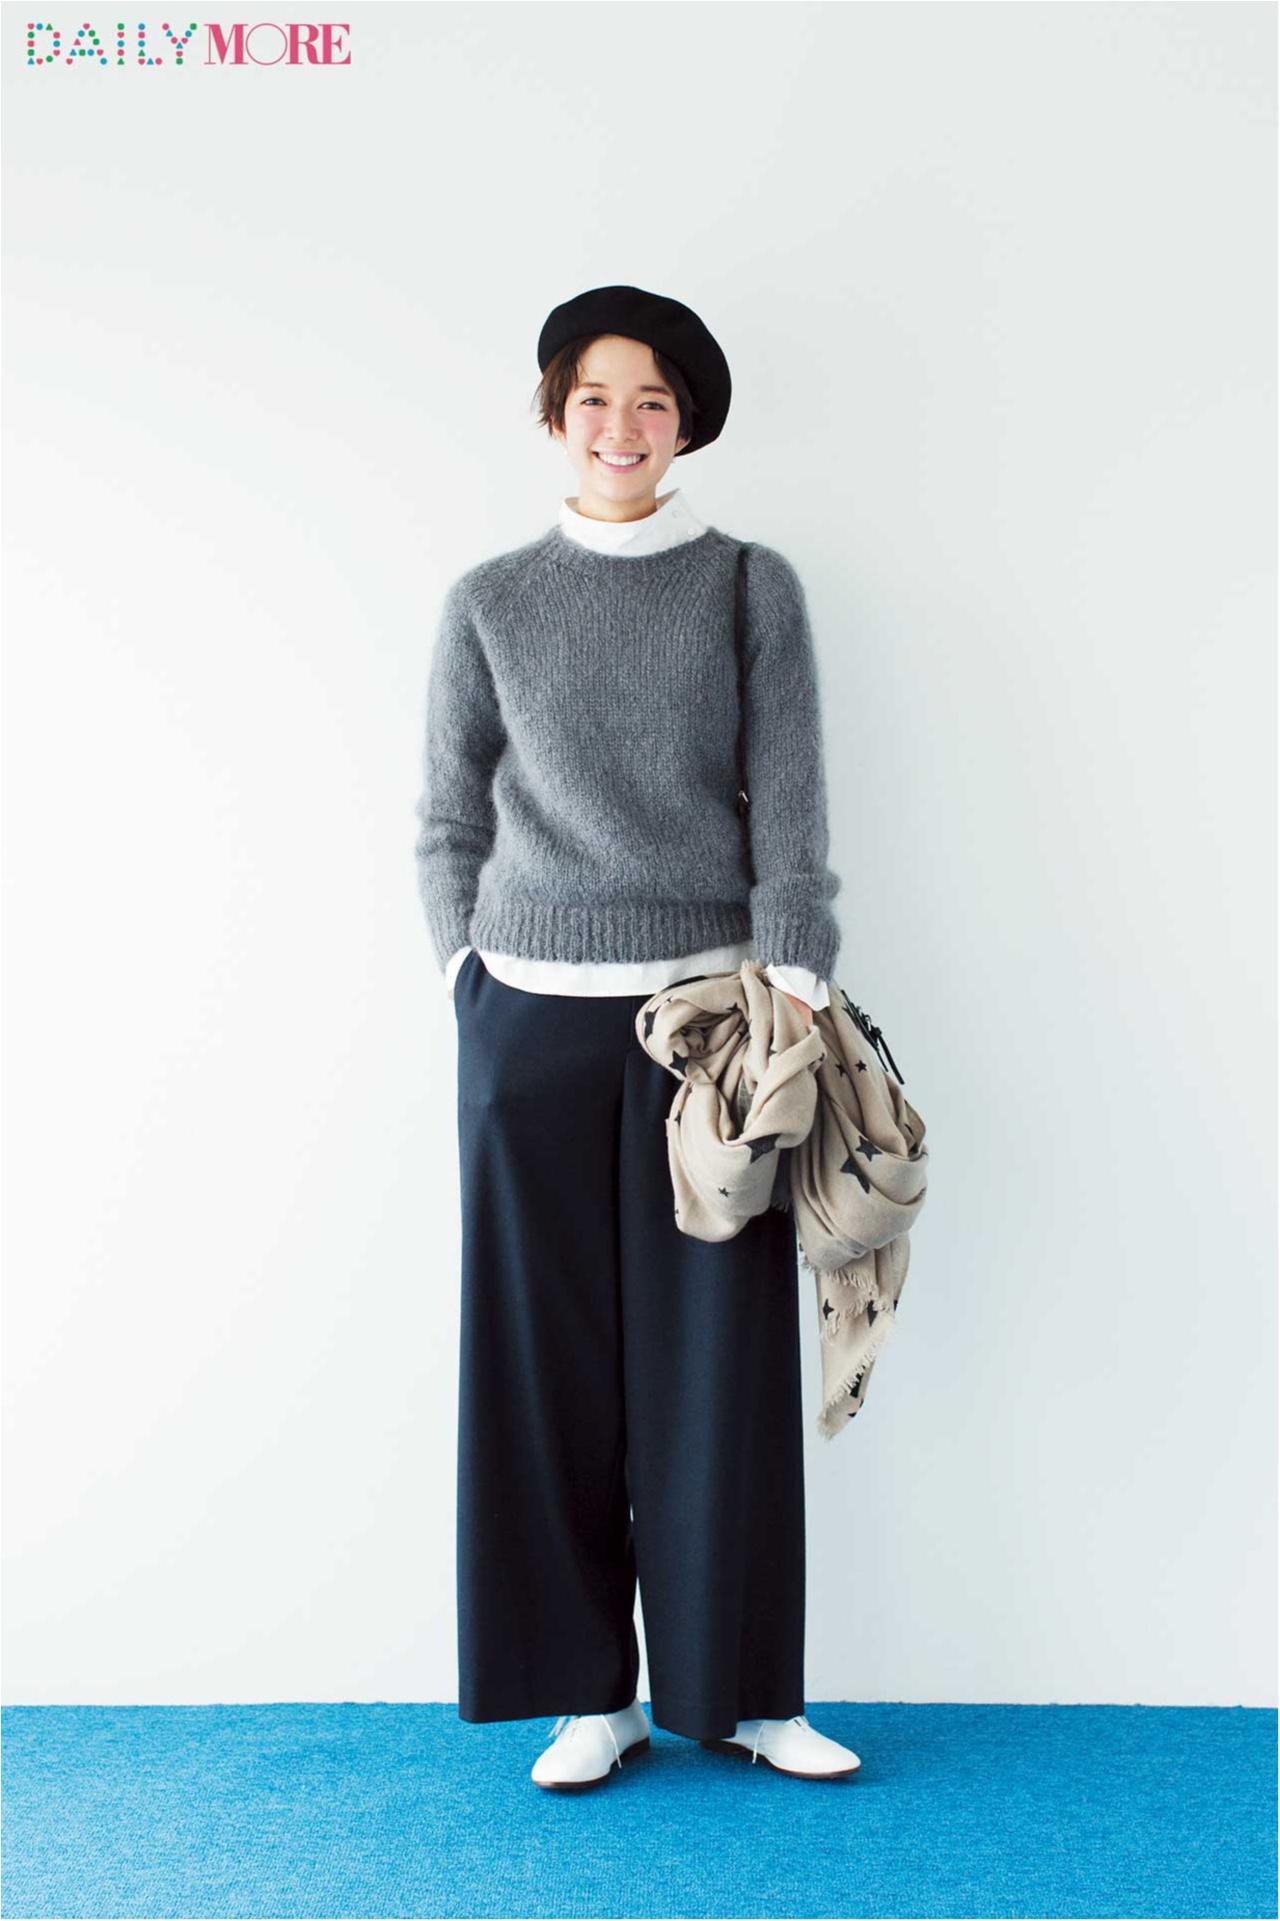 【結局着ちゃう服NO.1】シンプルなクルーニット。今年はどう着る?_2